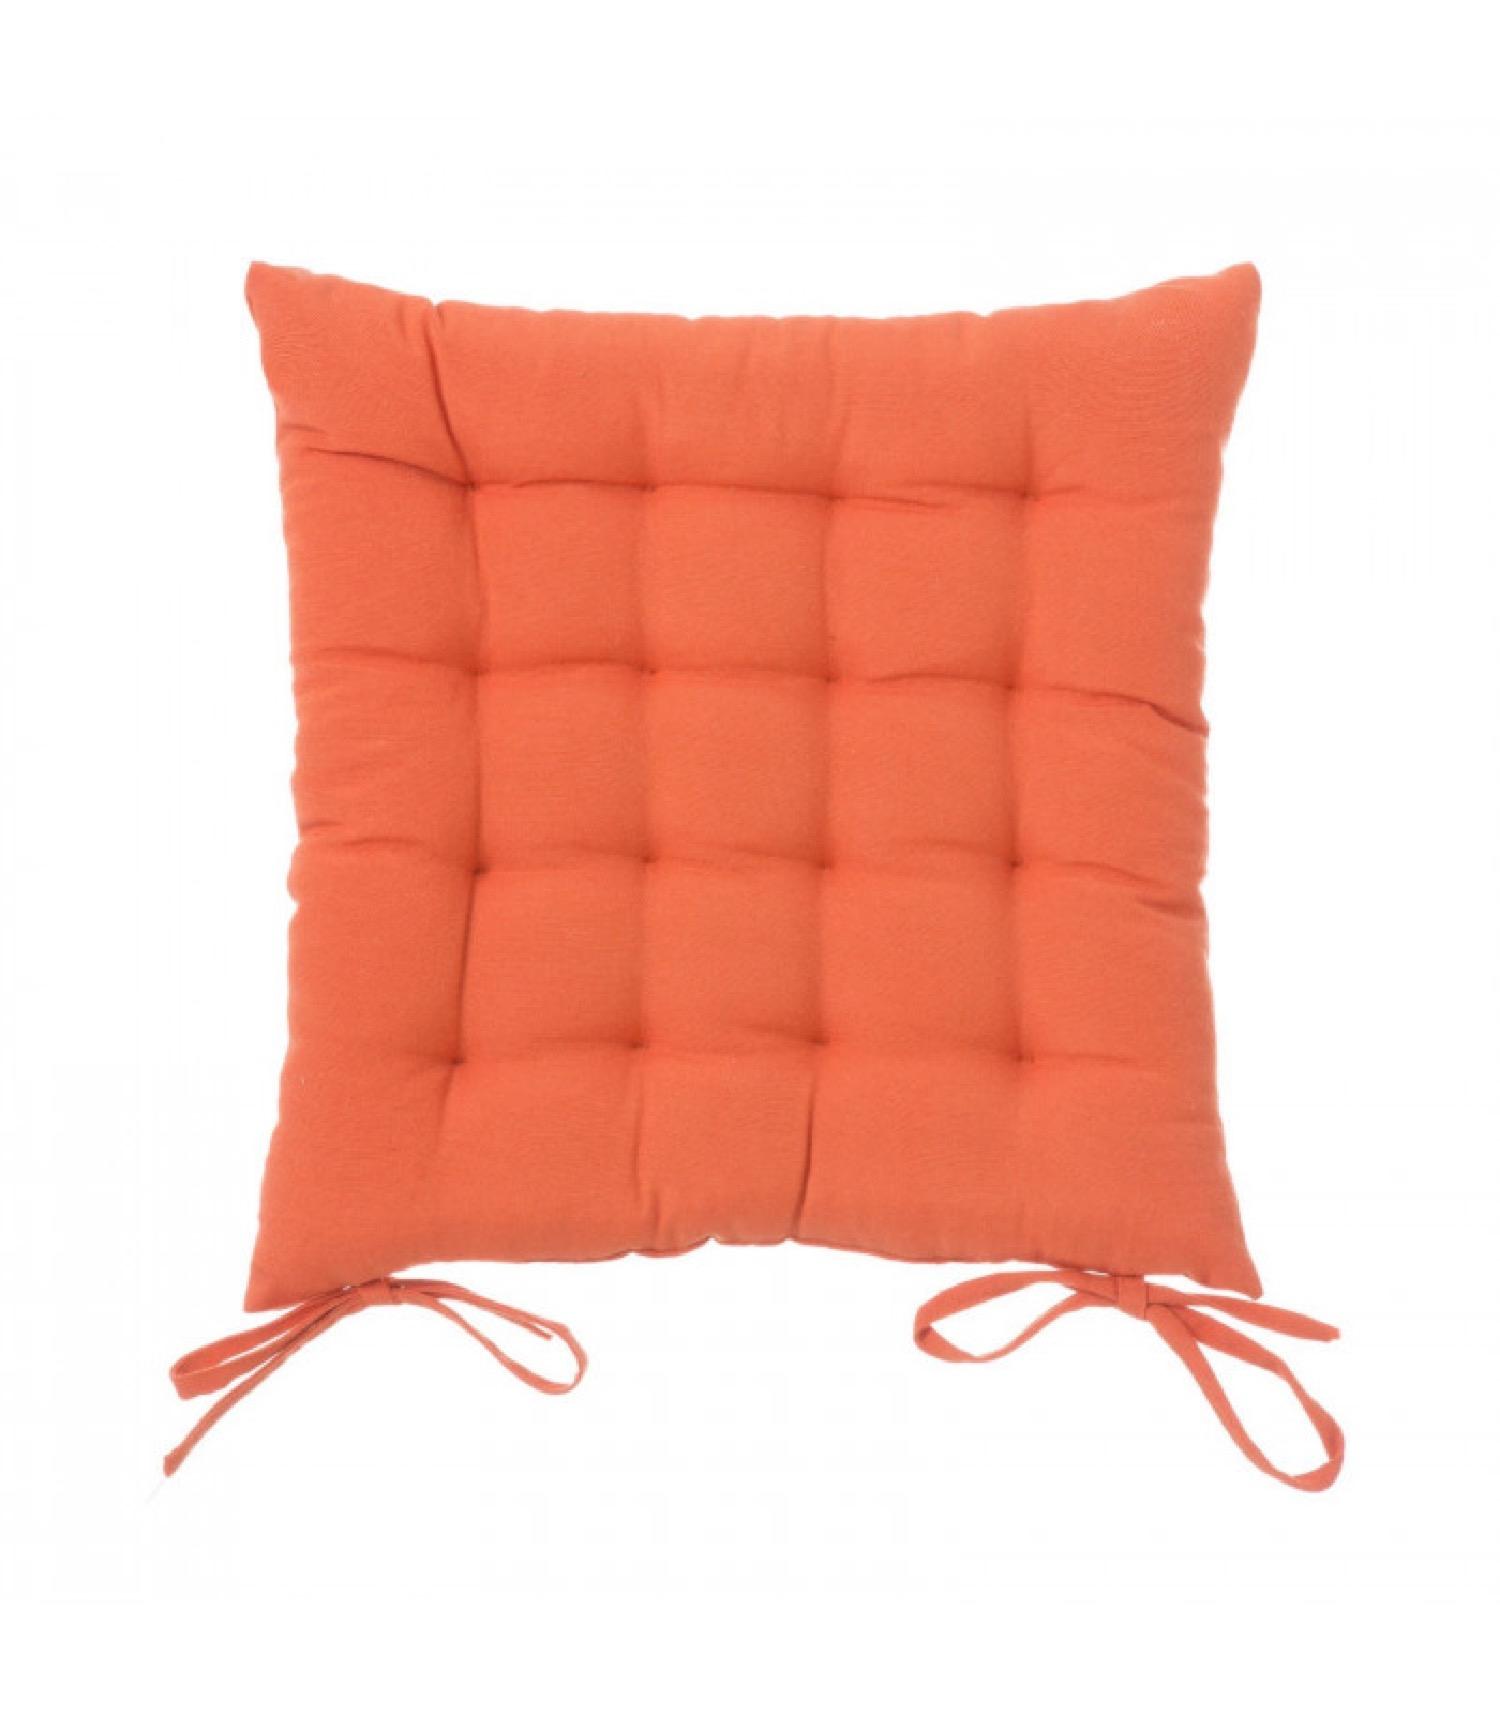 Coussin de chaise carré orange 40x40